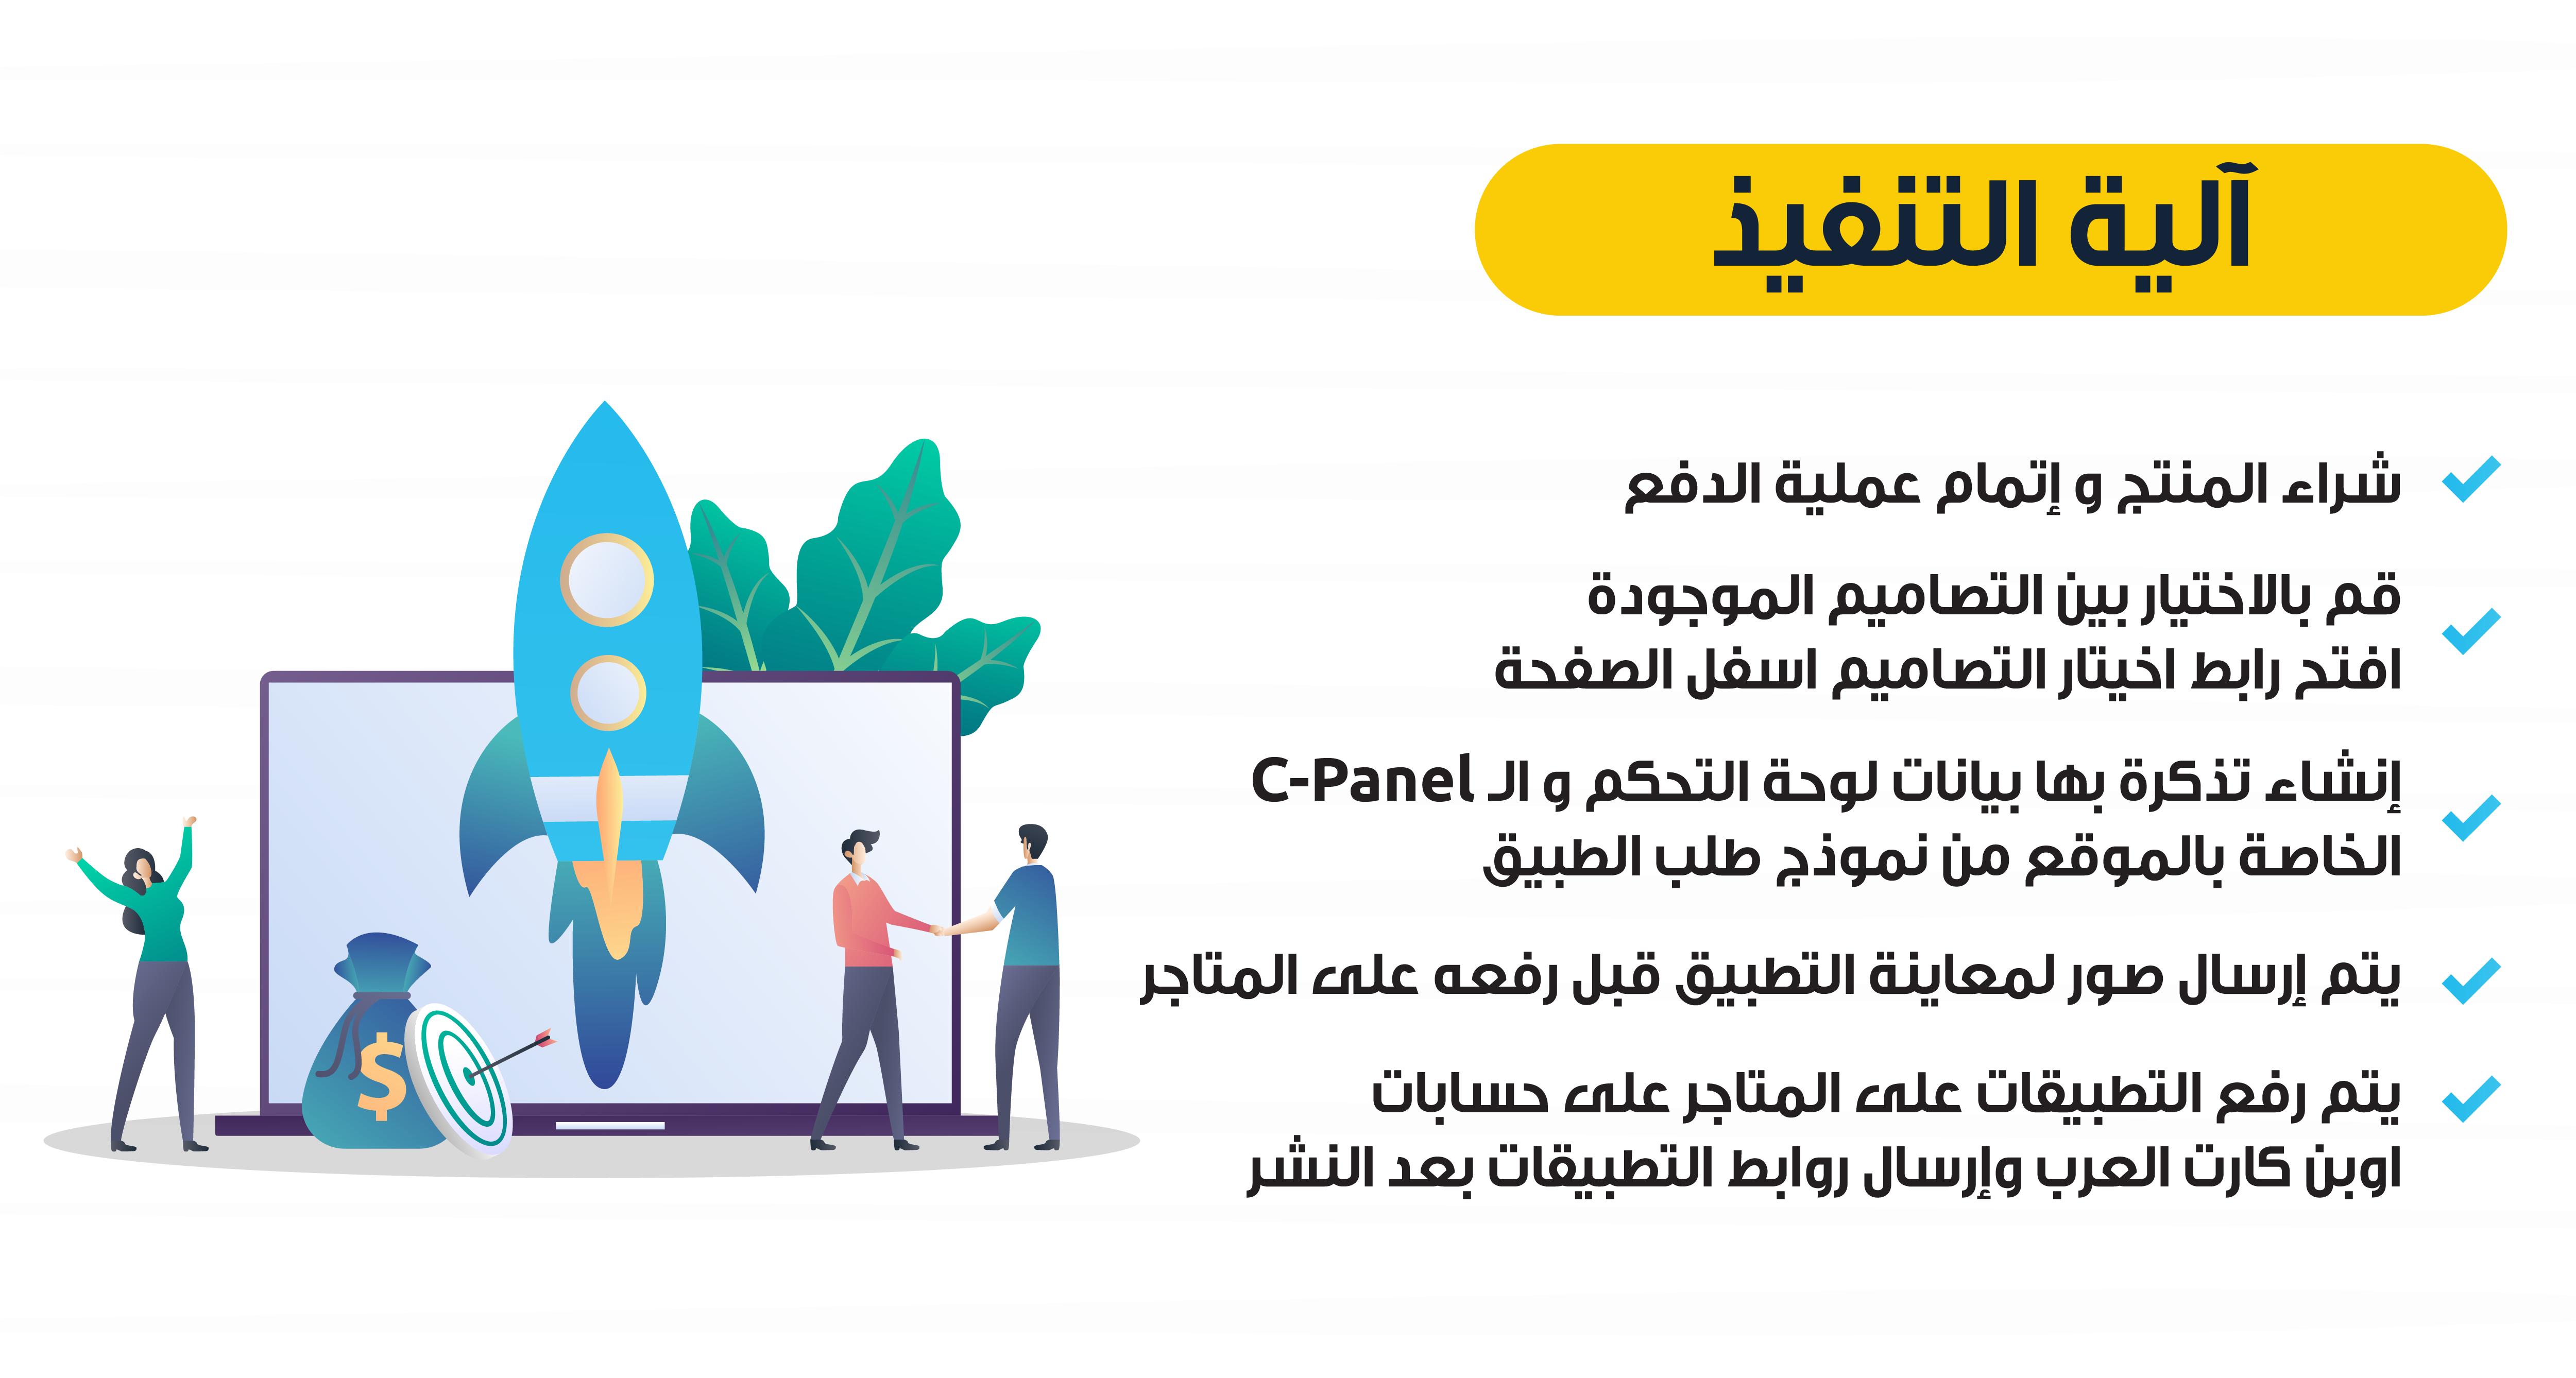 الية تنفيذ تطبيق اوبن كارت العرب